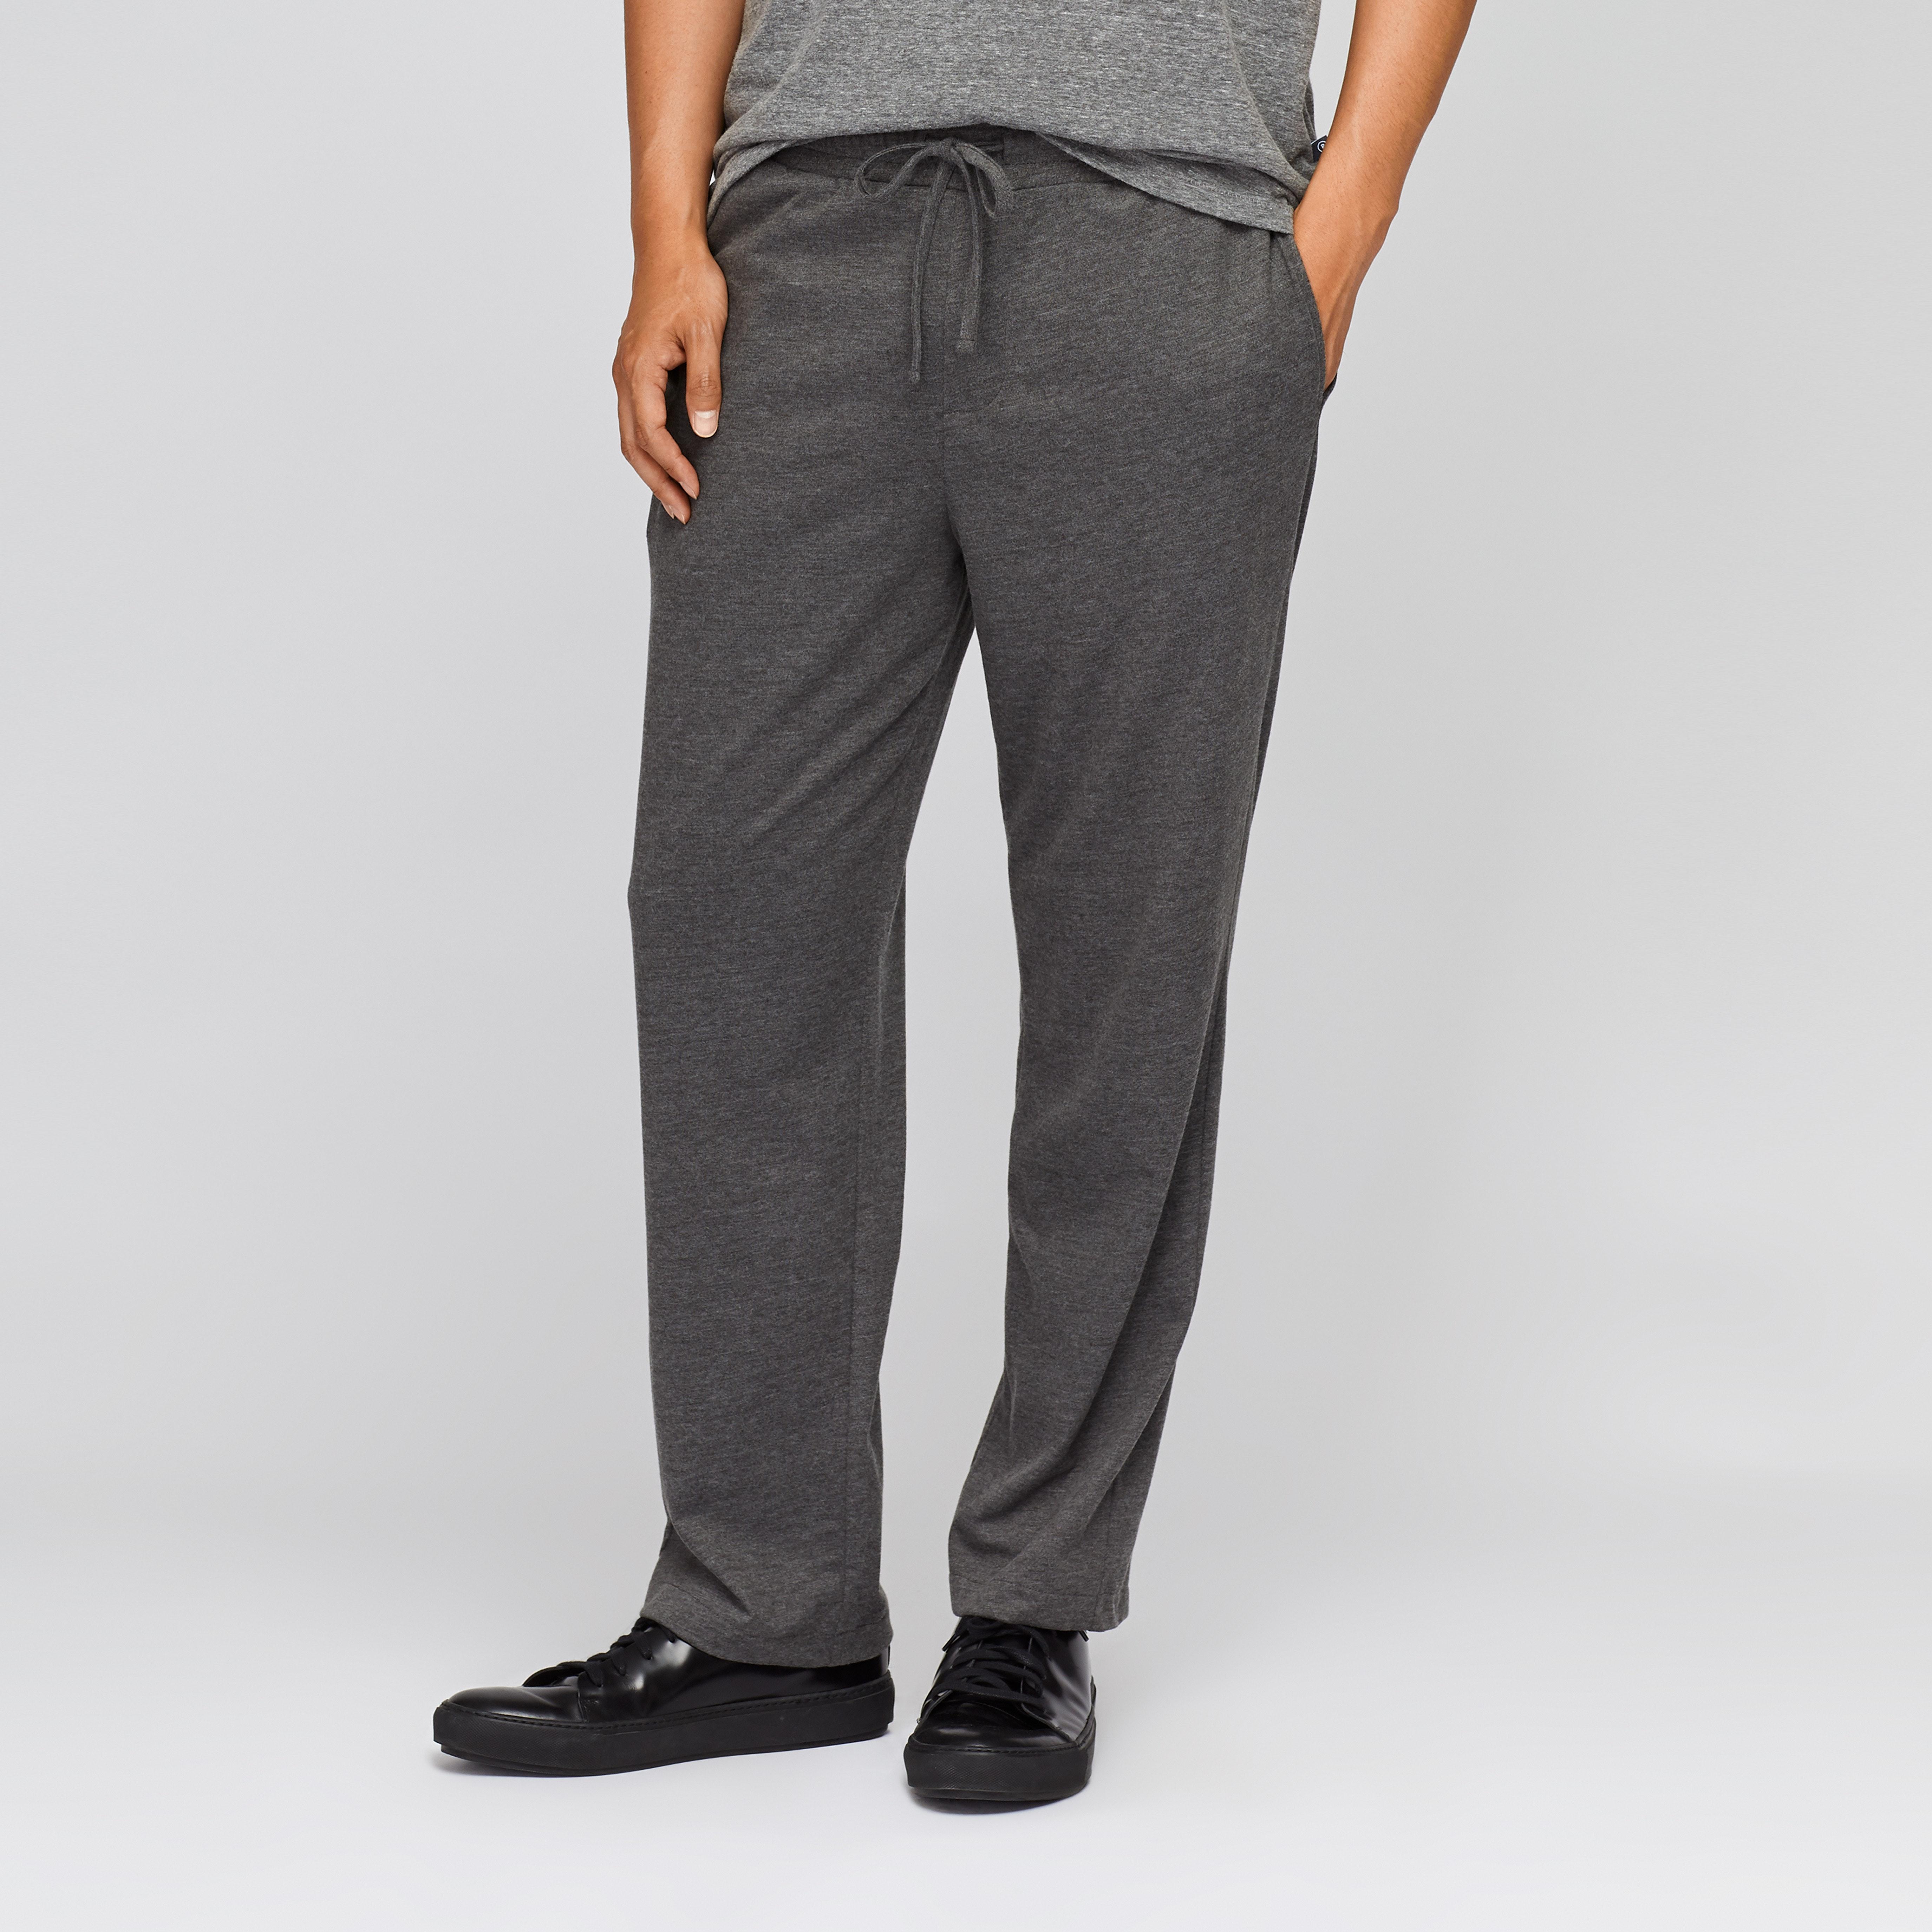 Ultrasoft Lounge Pants